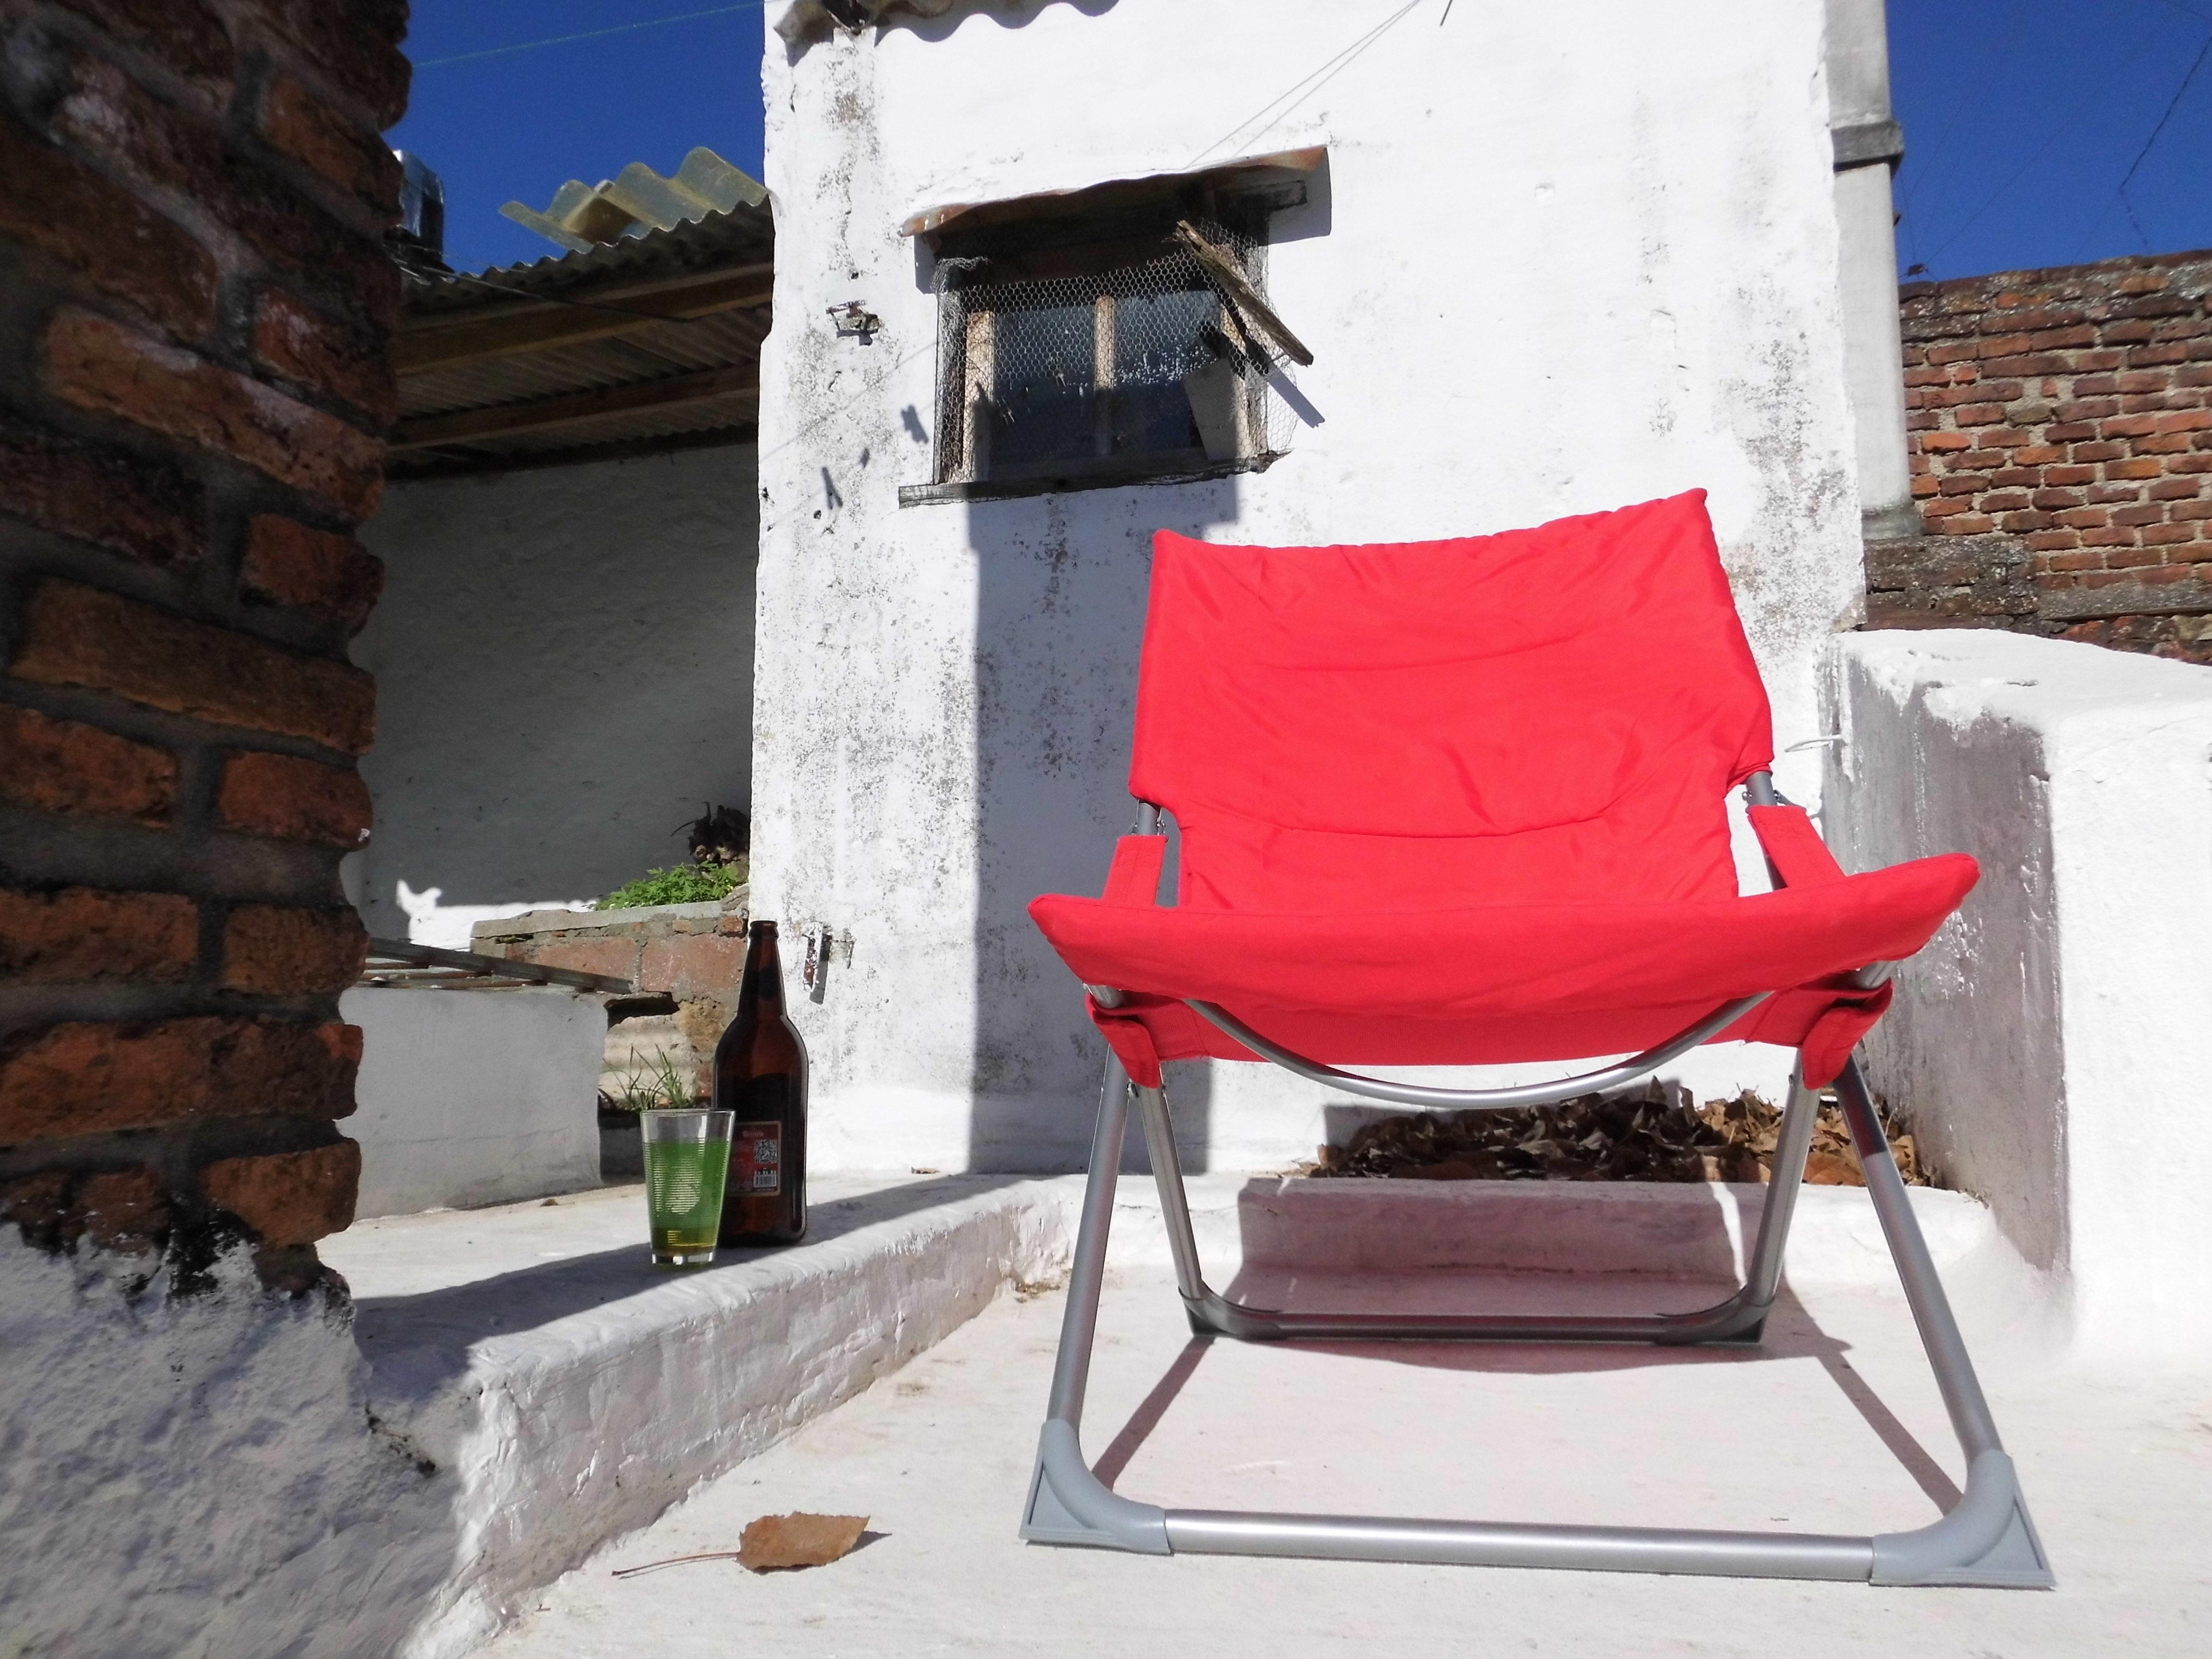 Großartig Holz Sonne Sessel Rot Entspannen Sie Sich Hütte Sitzung Möbel Dachgarten